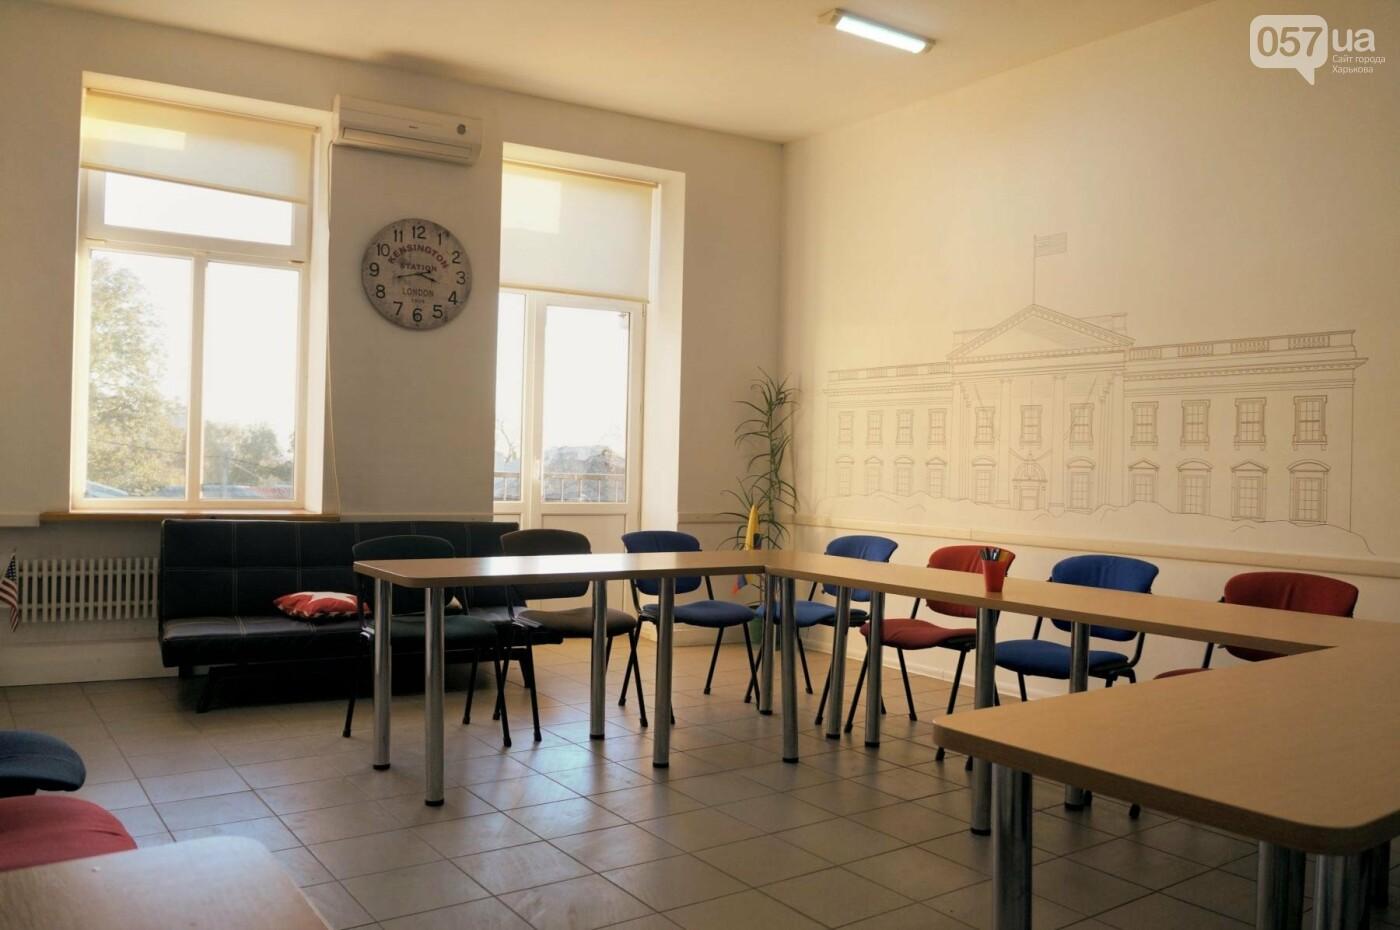 Курсы английского в Харькове ᐈ куда пойти учить английский?, фото-60